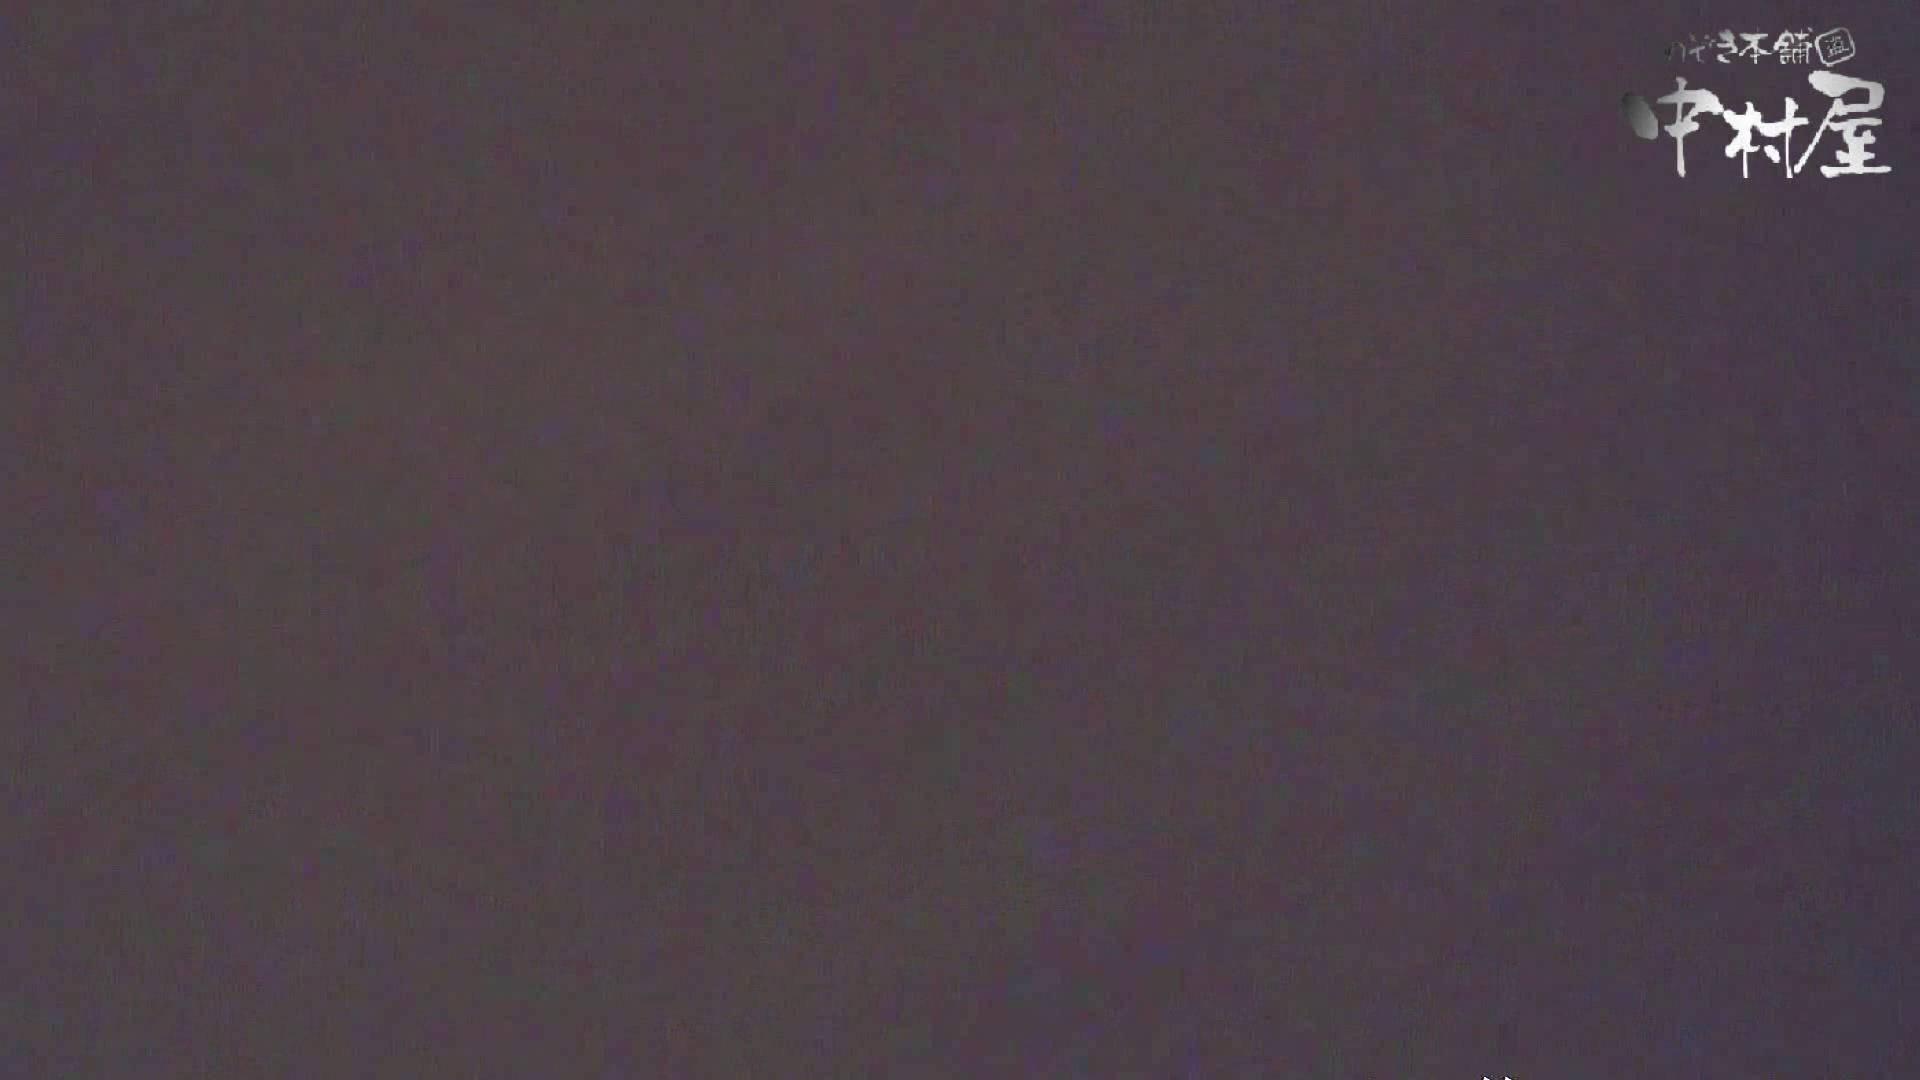 始動します‼雅さんの独断と偏見で集めた動画集 Vol.9 期間限定 | 0  9枚 3